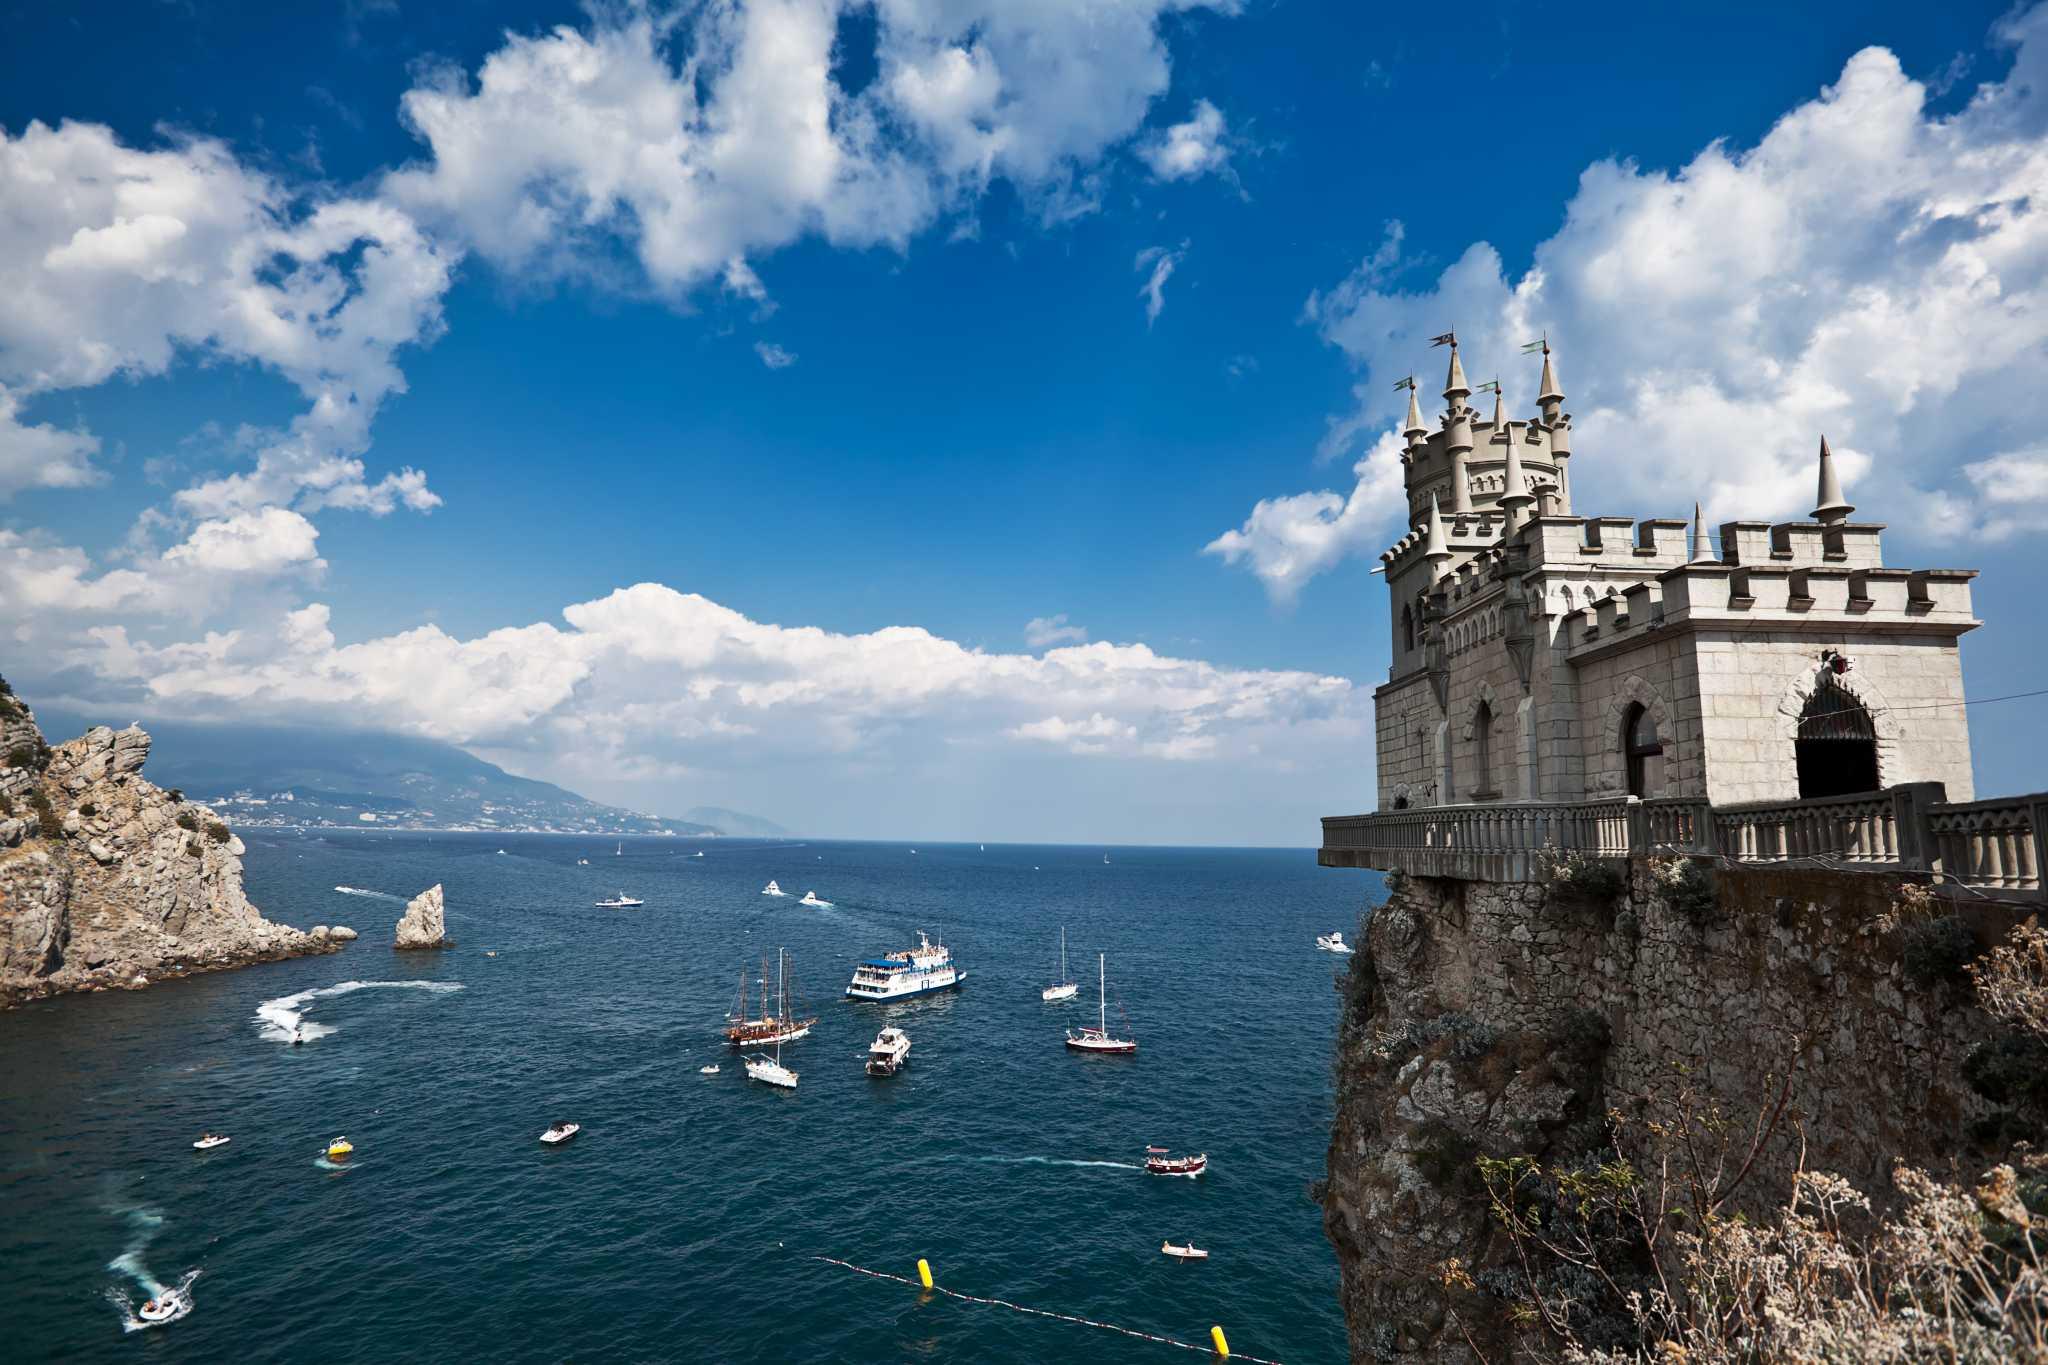 Туры в Крым в августе 2018 — цены на отдых в Крыму — цены на путевки, спецпредложения